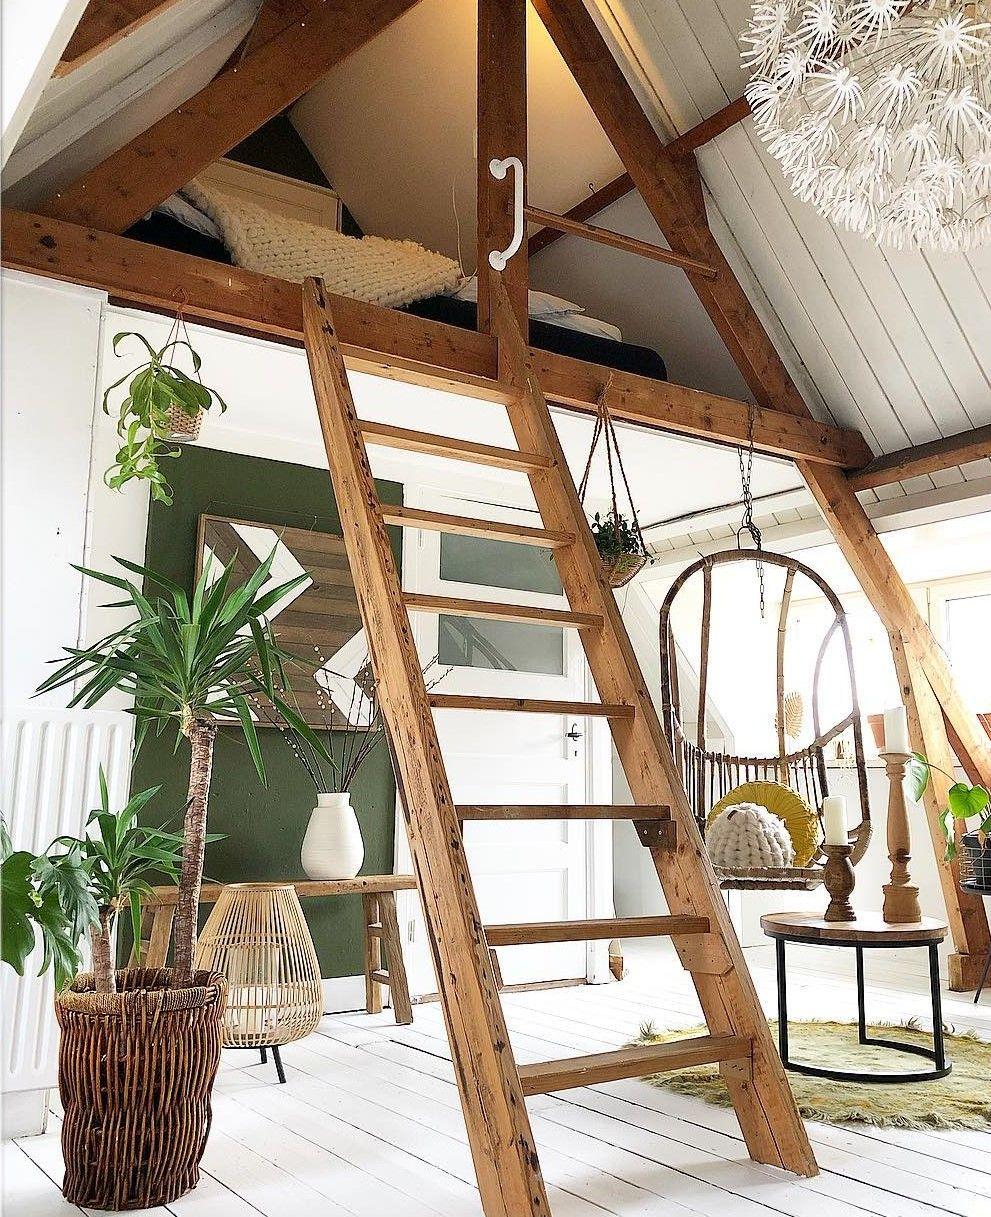 De zolder verbouwen? Bekijk deze 10 voorbeelden! - Makeover.nl #slaapkamerideeen